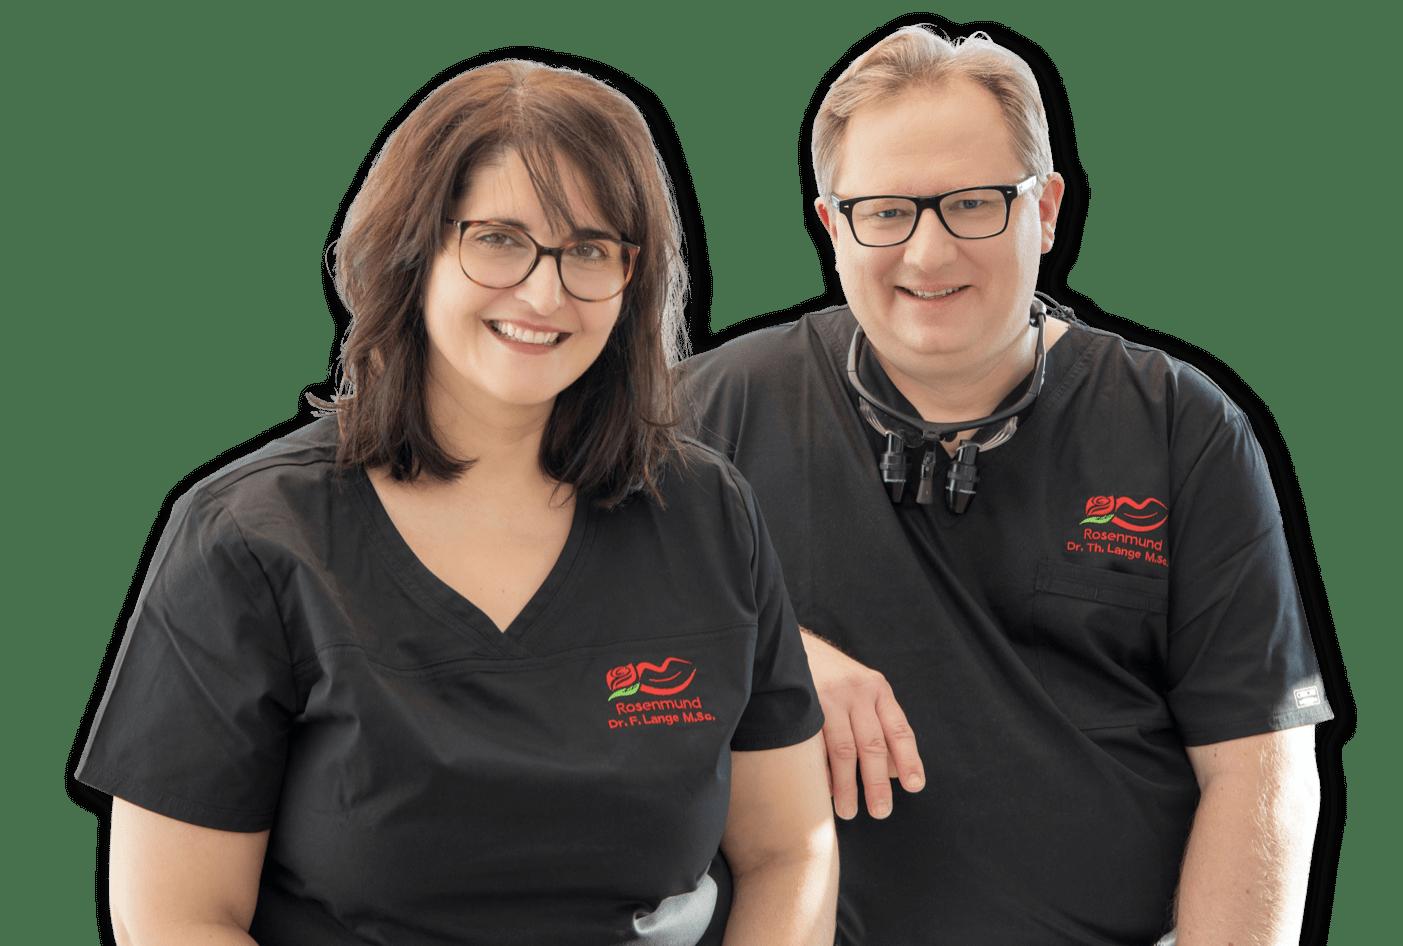 Rosenmund Ihre Zahnärzte im MedicalCube Dr. Fotini Lange M.Sc. & Dr. Thorsten Lange M.Sc.